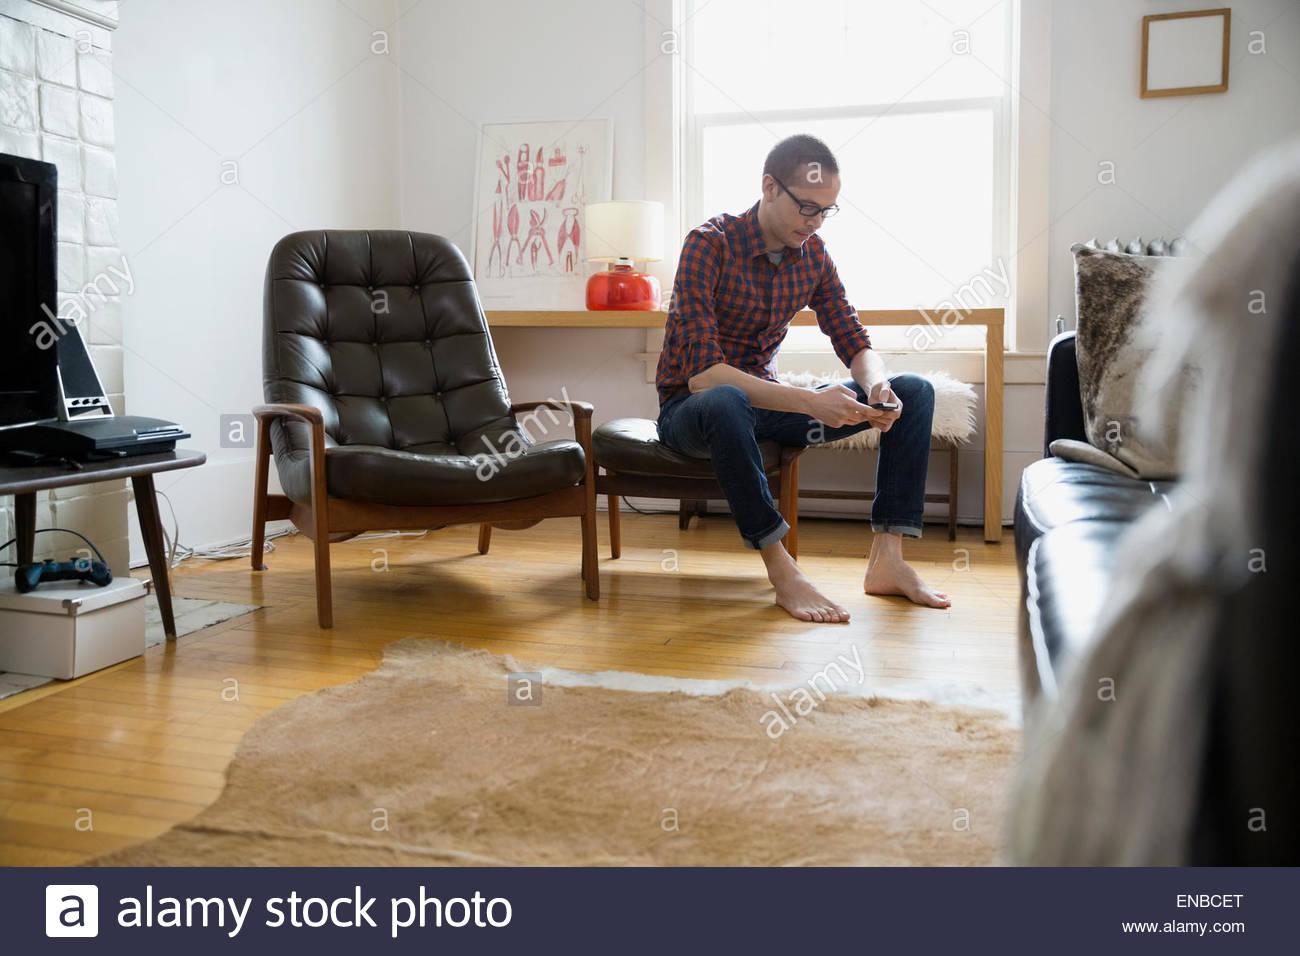 A piedi nudi uomo texting con telefono cellulare soggiorno Immagini Stock